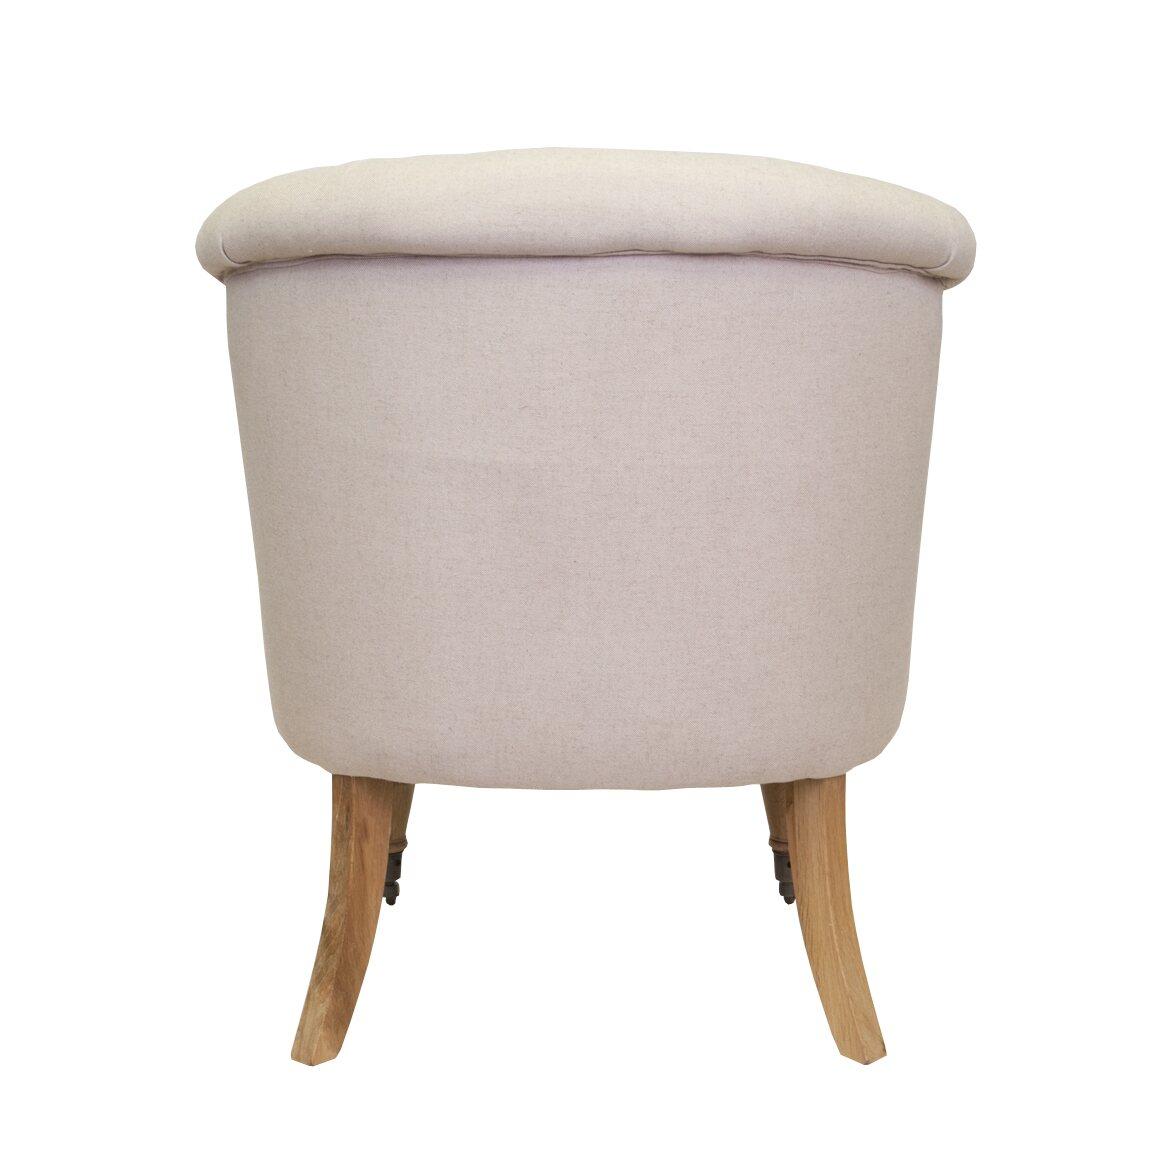 Низкое кресло Aviana Beige 3 | Маленькие кресла Kingsby